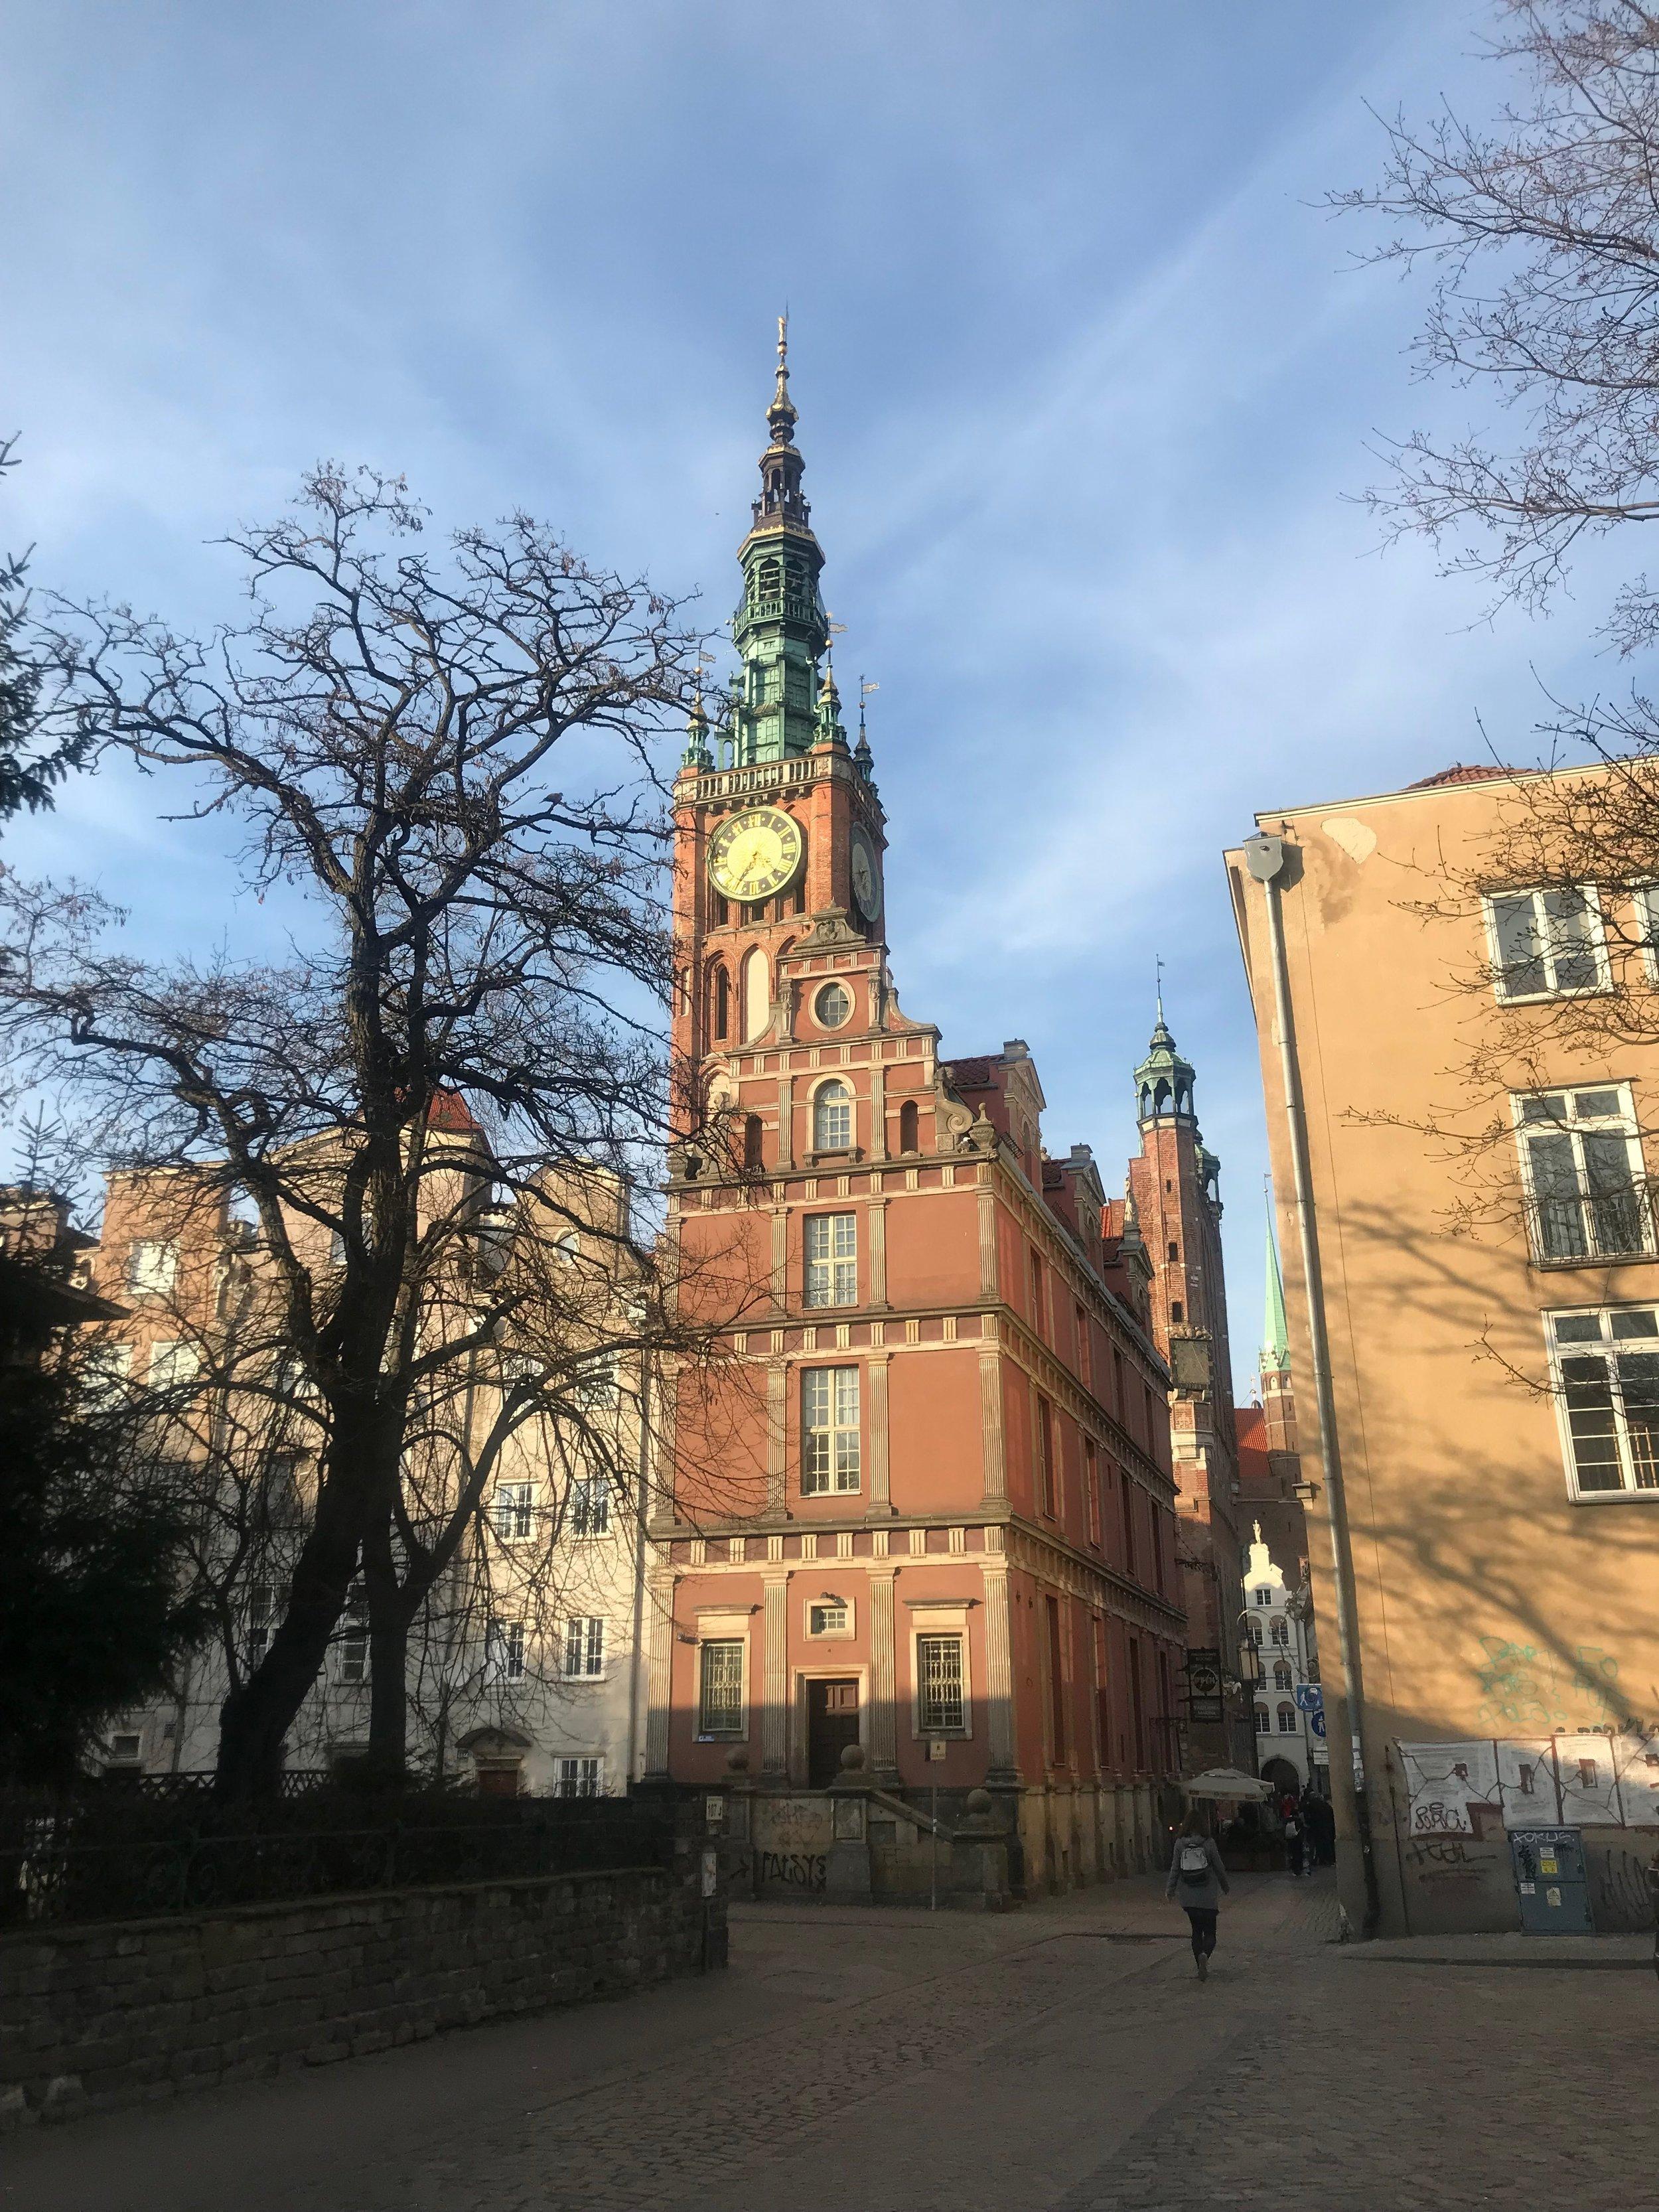 Marian kirkon torniin voi kiivetä ihailemaan maisemia!